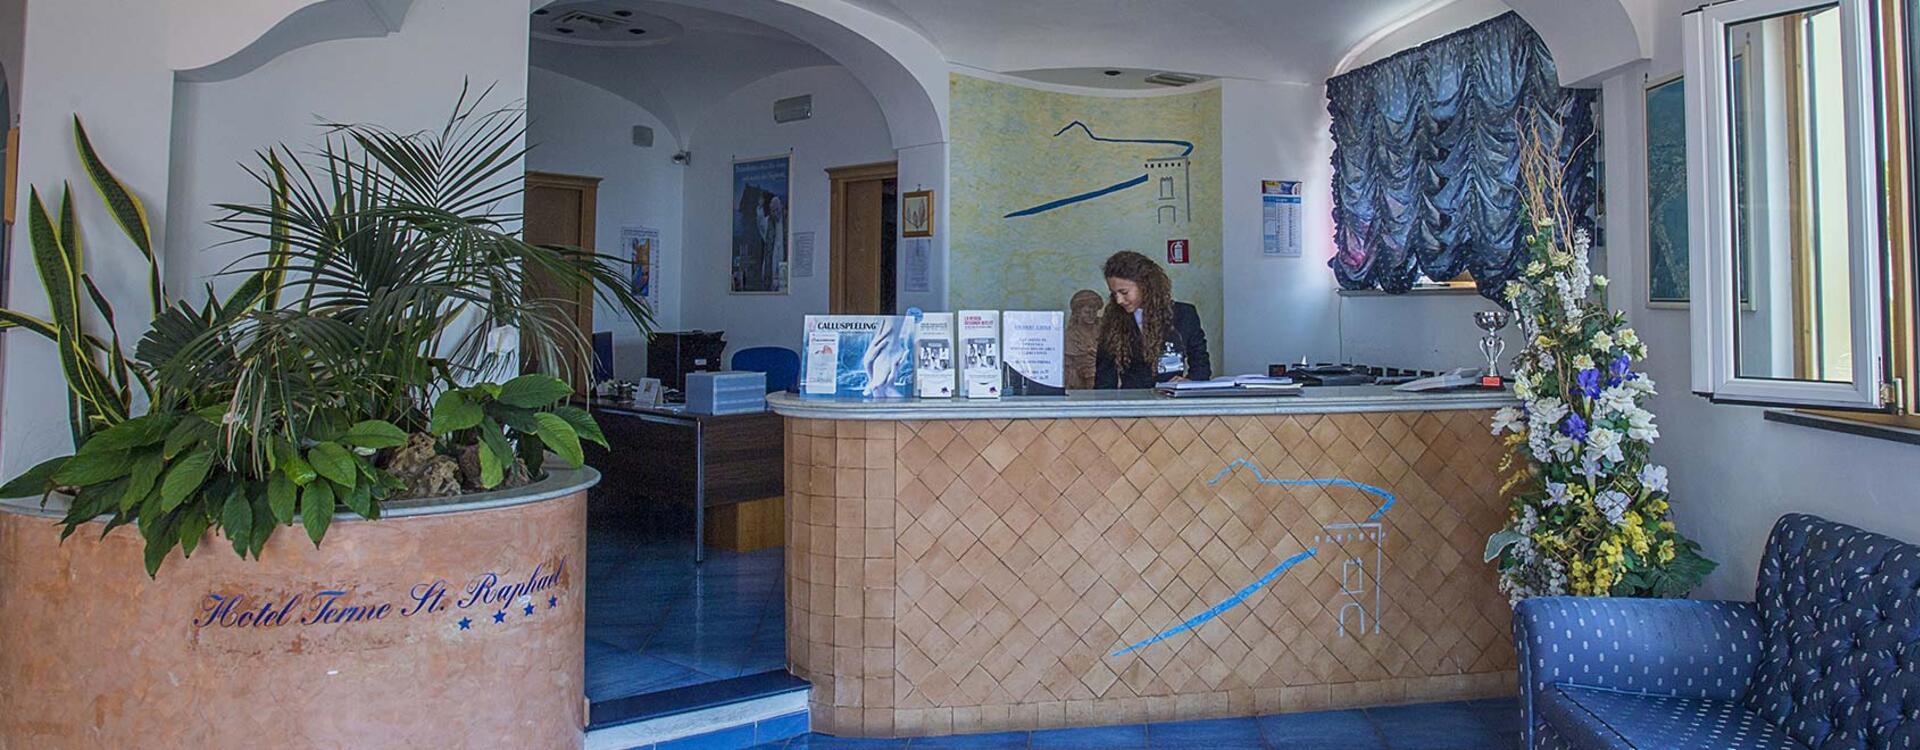 hotelsaintraphaelischia de kontakte 010